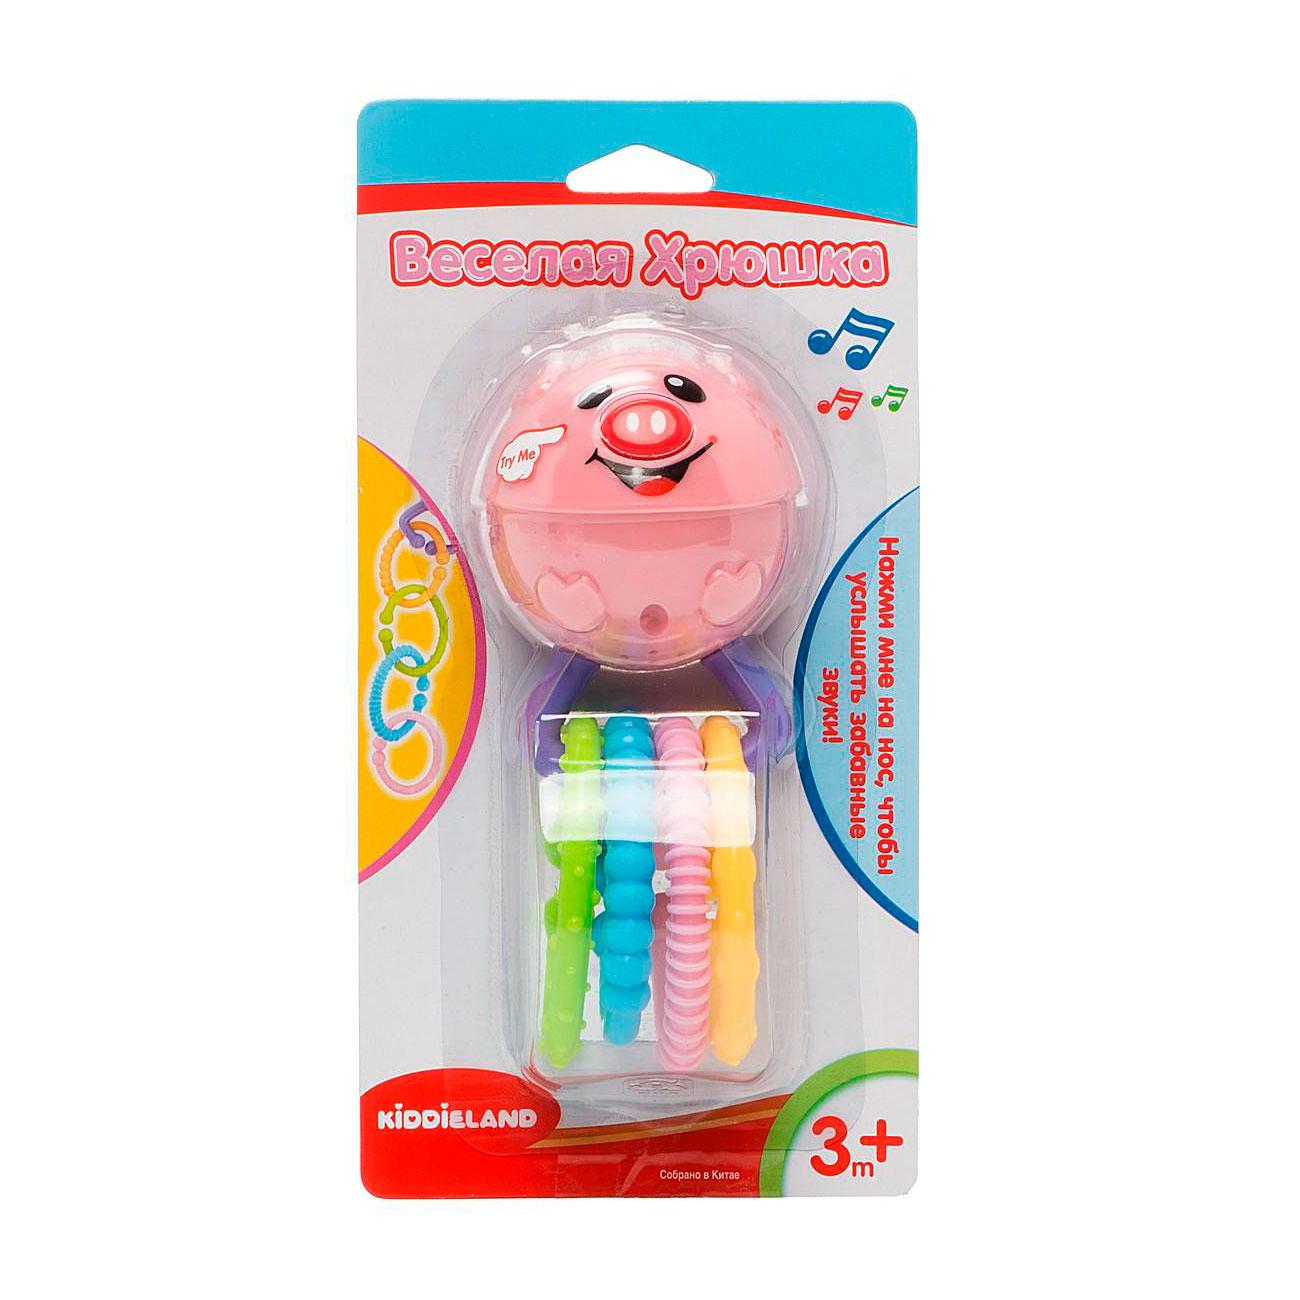 Развивающая игрушка Kiddieland Веселая хрюшка<br>